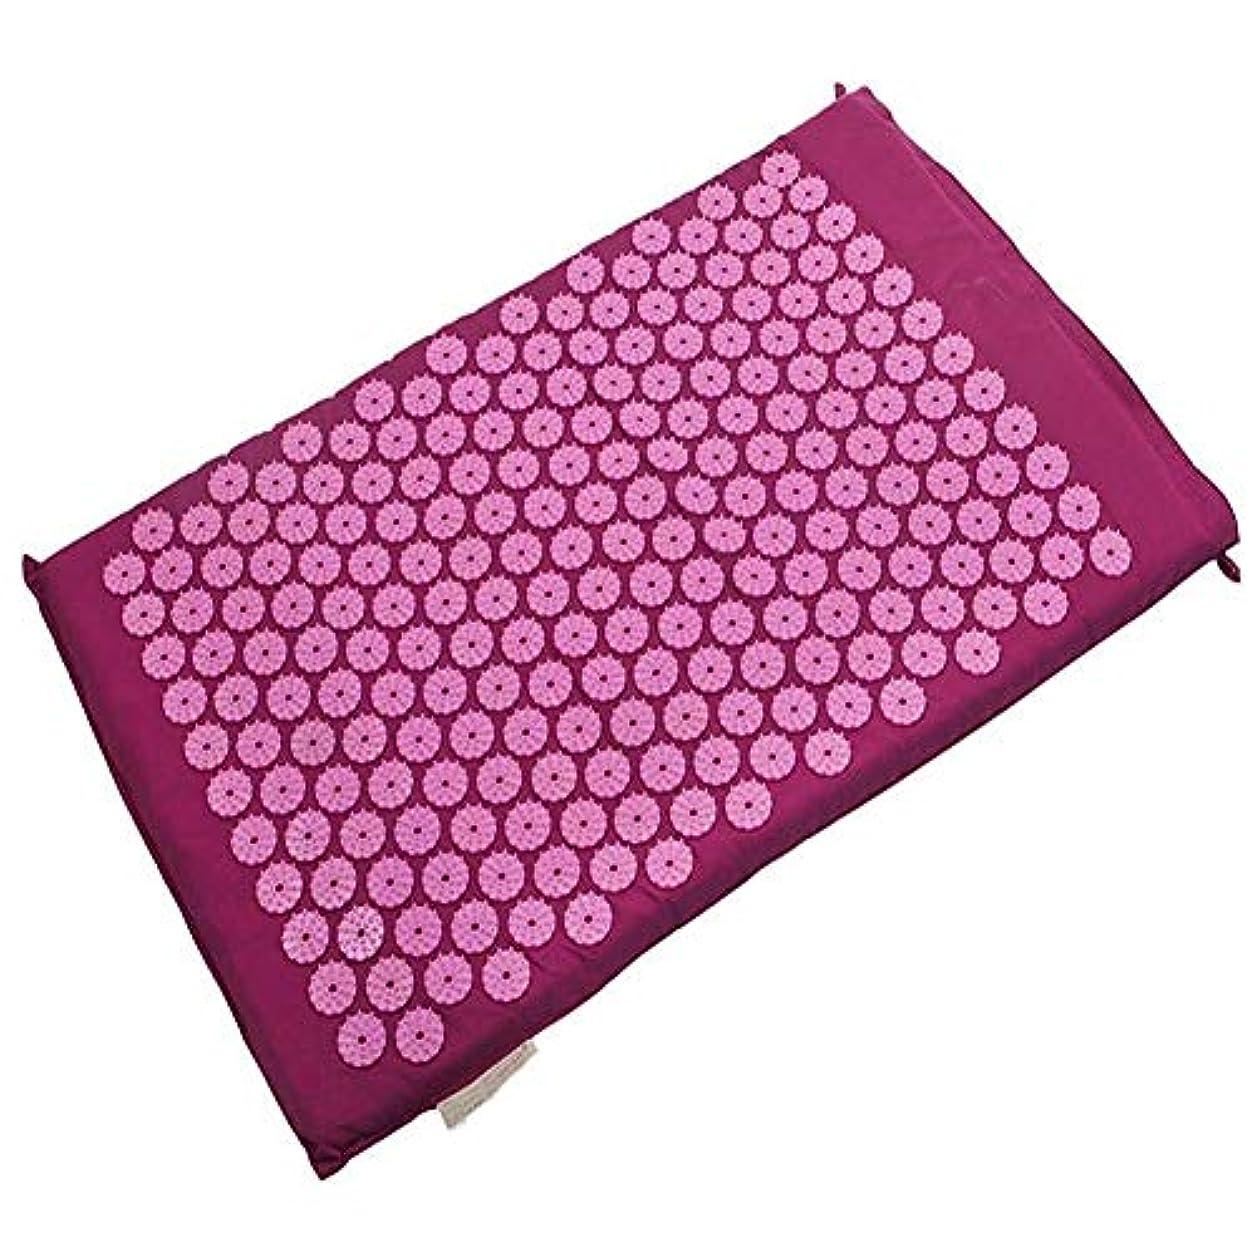 フラスコ義務付けられたモールス信号鍼massageマッサージヨガマット、オリジナルの指圧枕、首と肩のマッサージ、健康なだめるようなマッサージクッションマッサージクッション,Mat Purple(B)